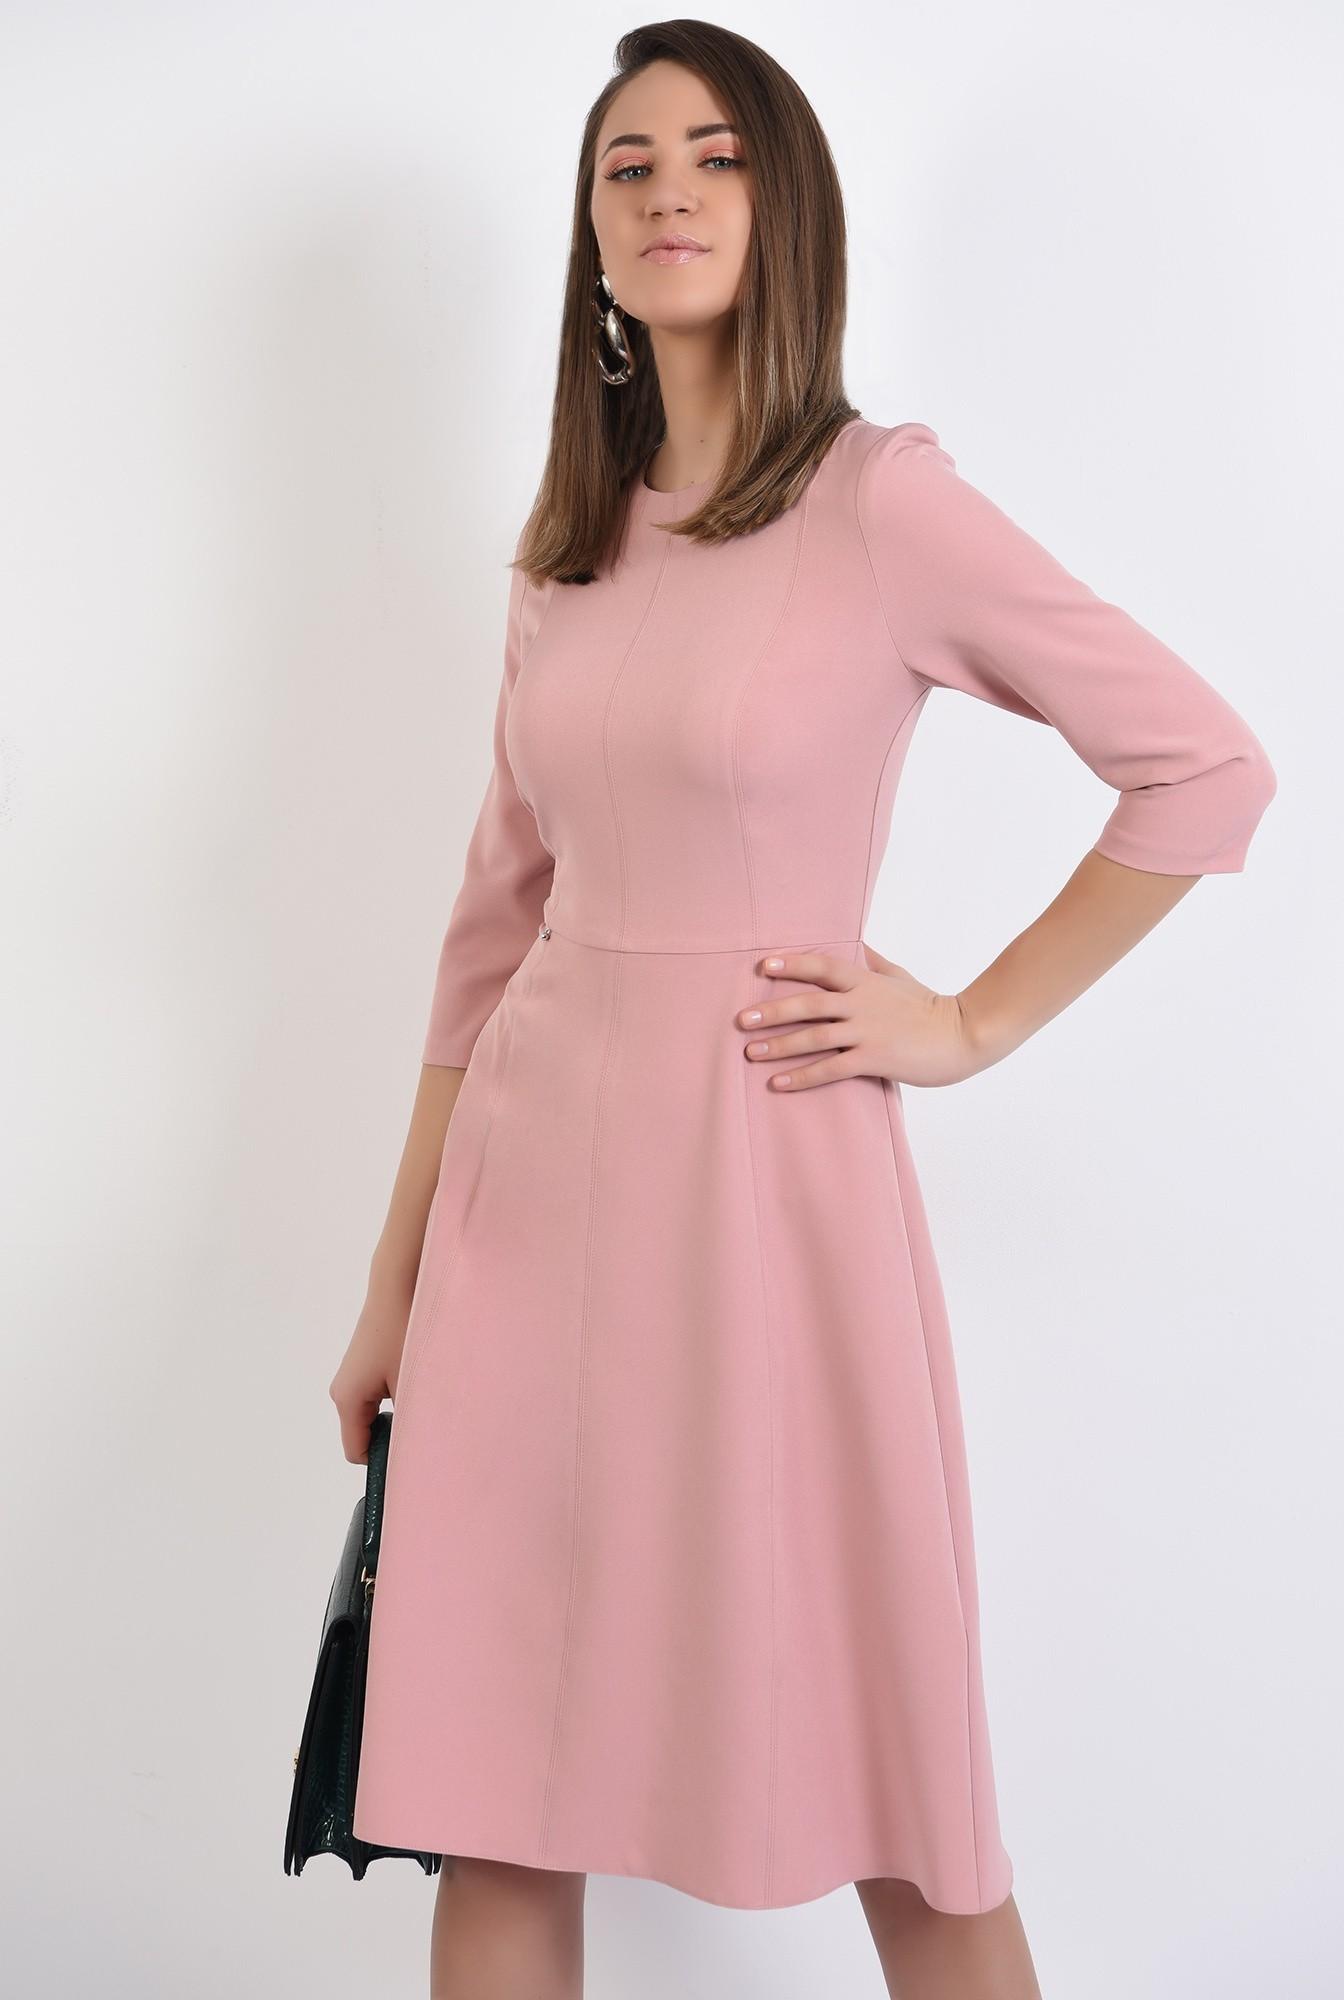 rochie midi, evazata, roz, rochie de primavara, cusaturi decorative